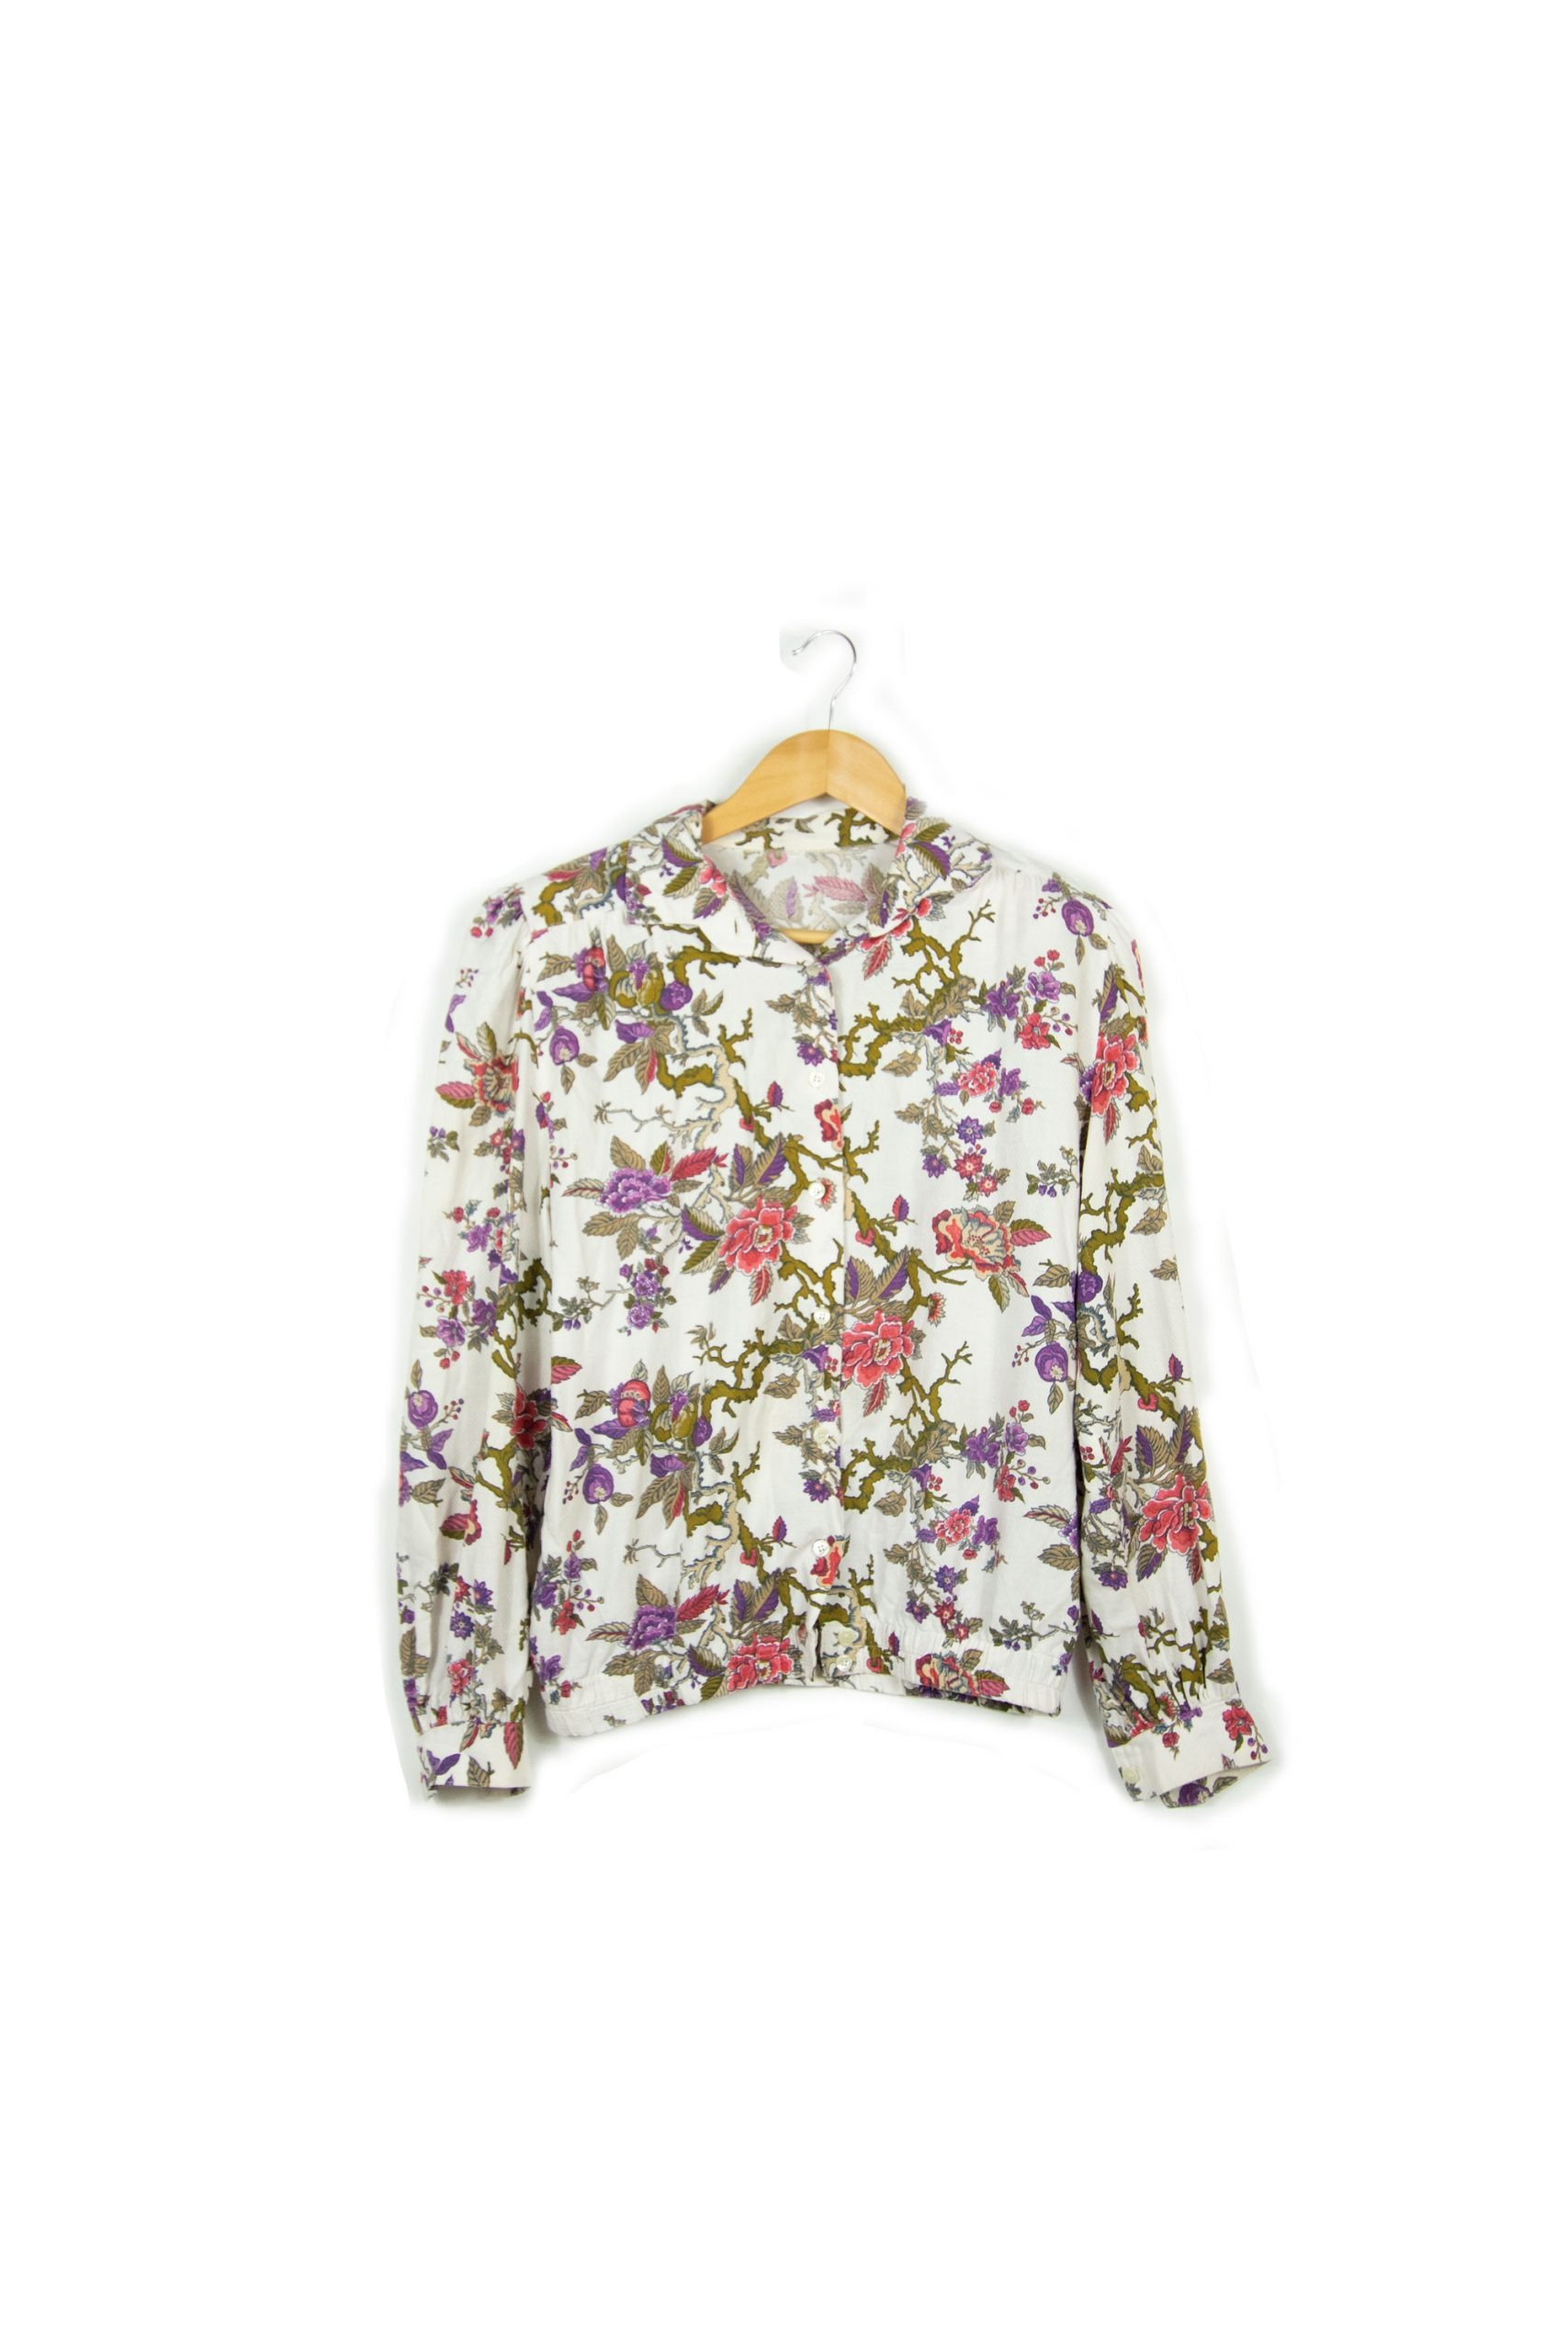 Chemise vintage à fleurs taille s